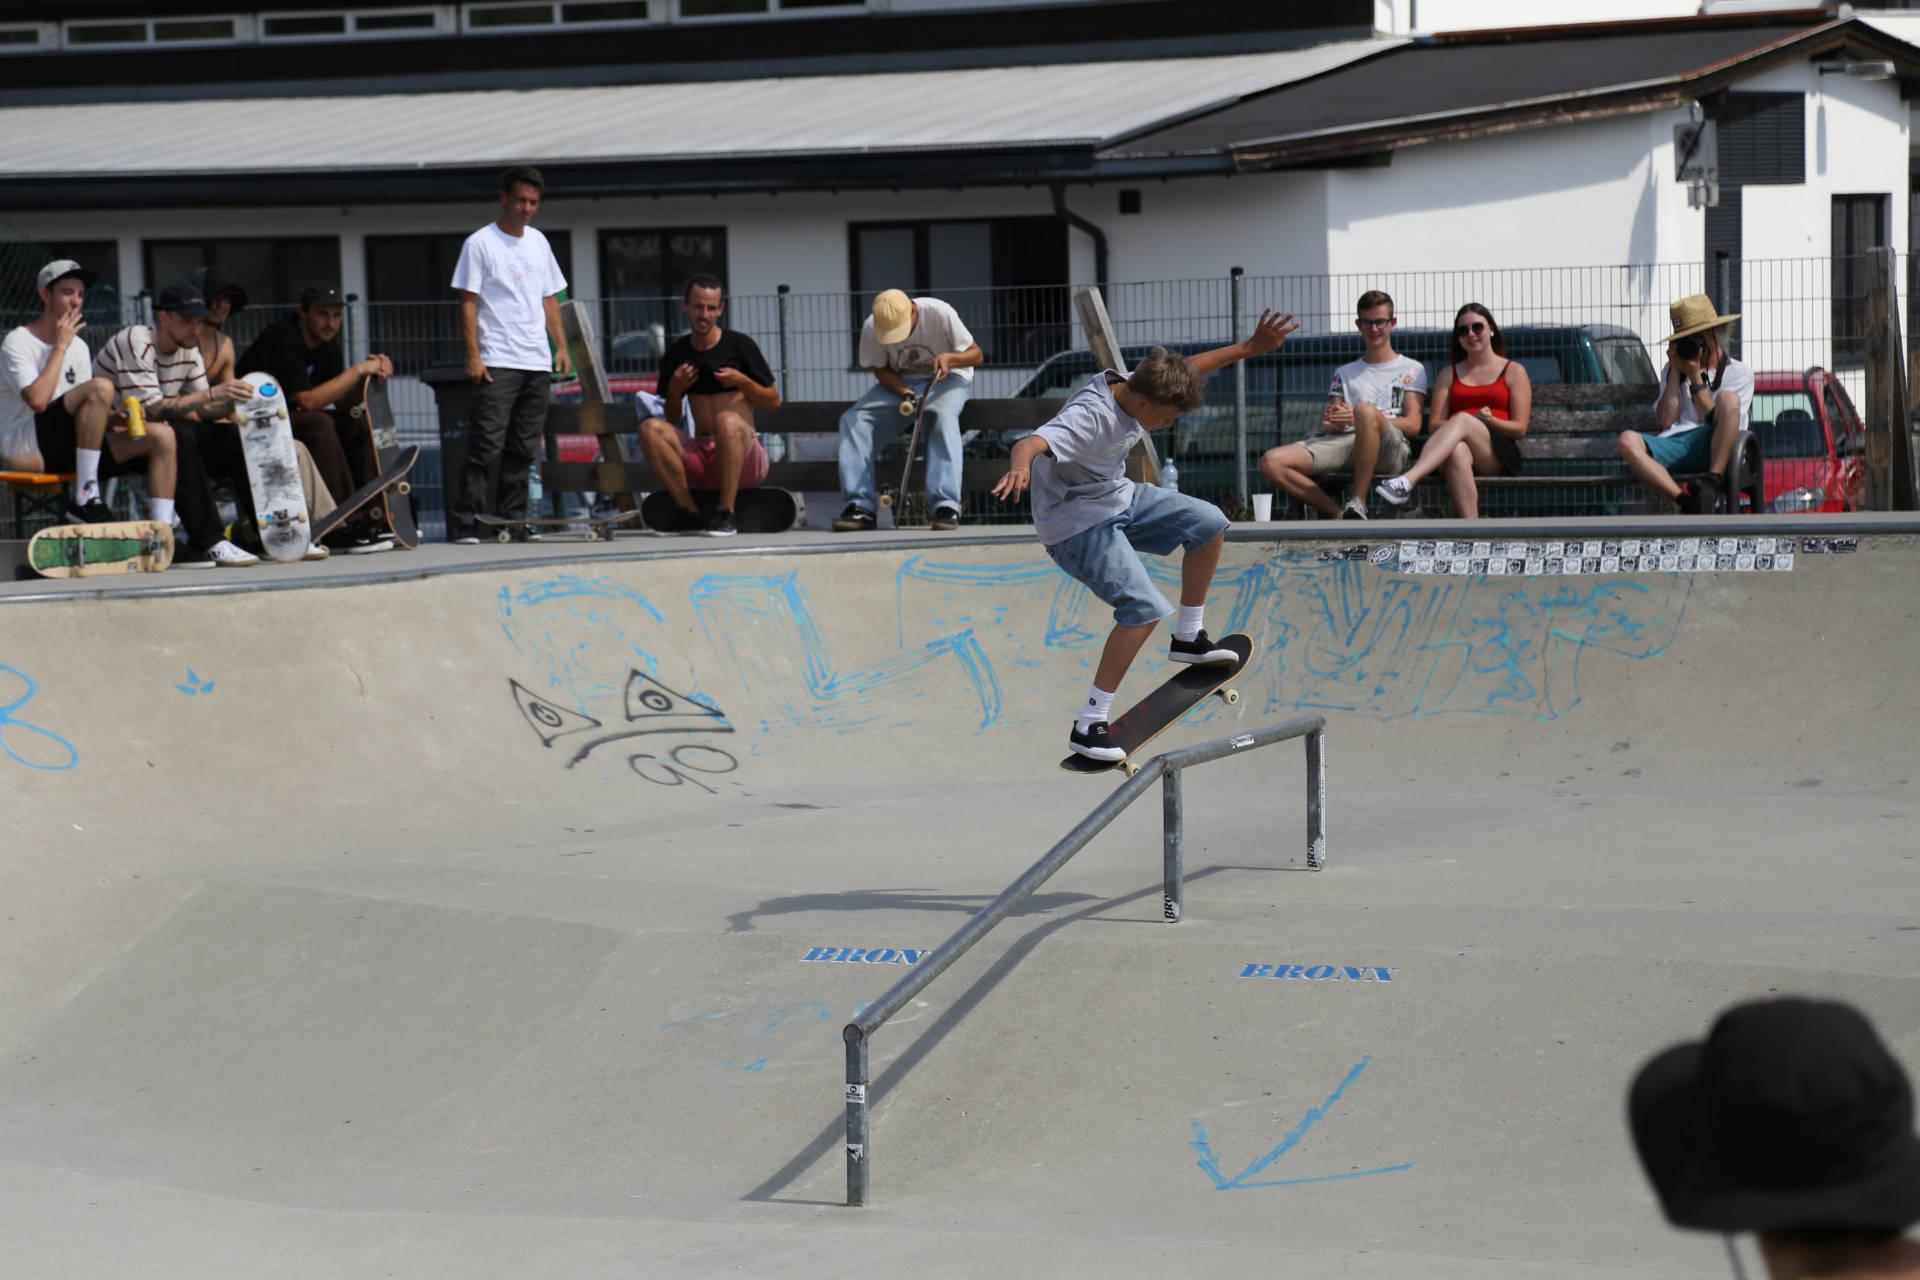 skateboardheadz st johann in tirol kgt 2019 finale 00109